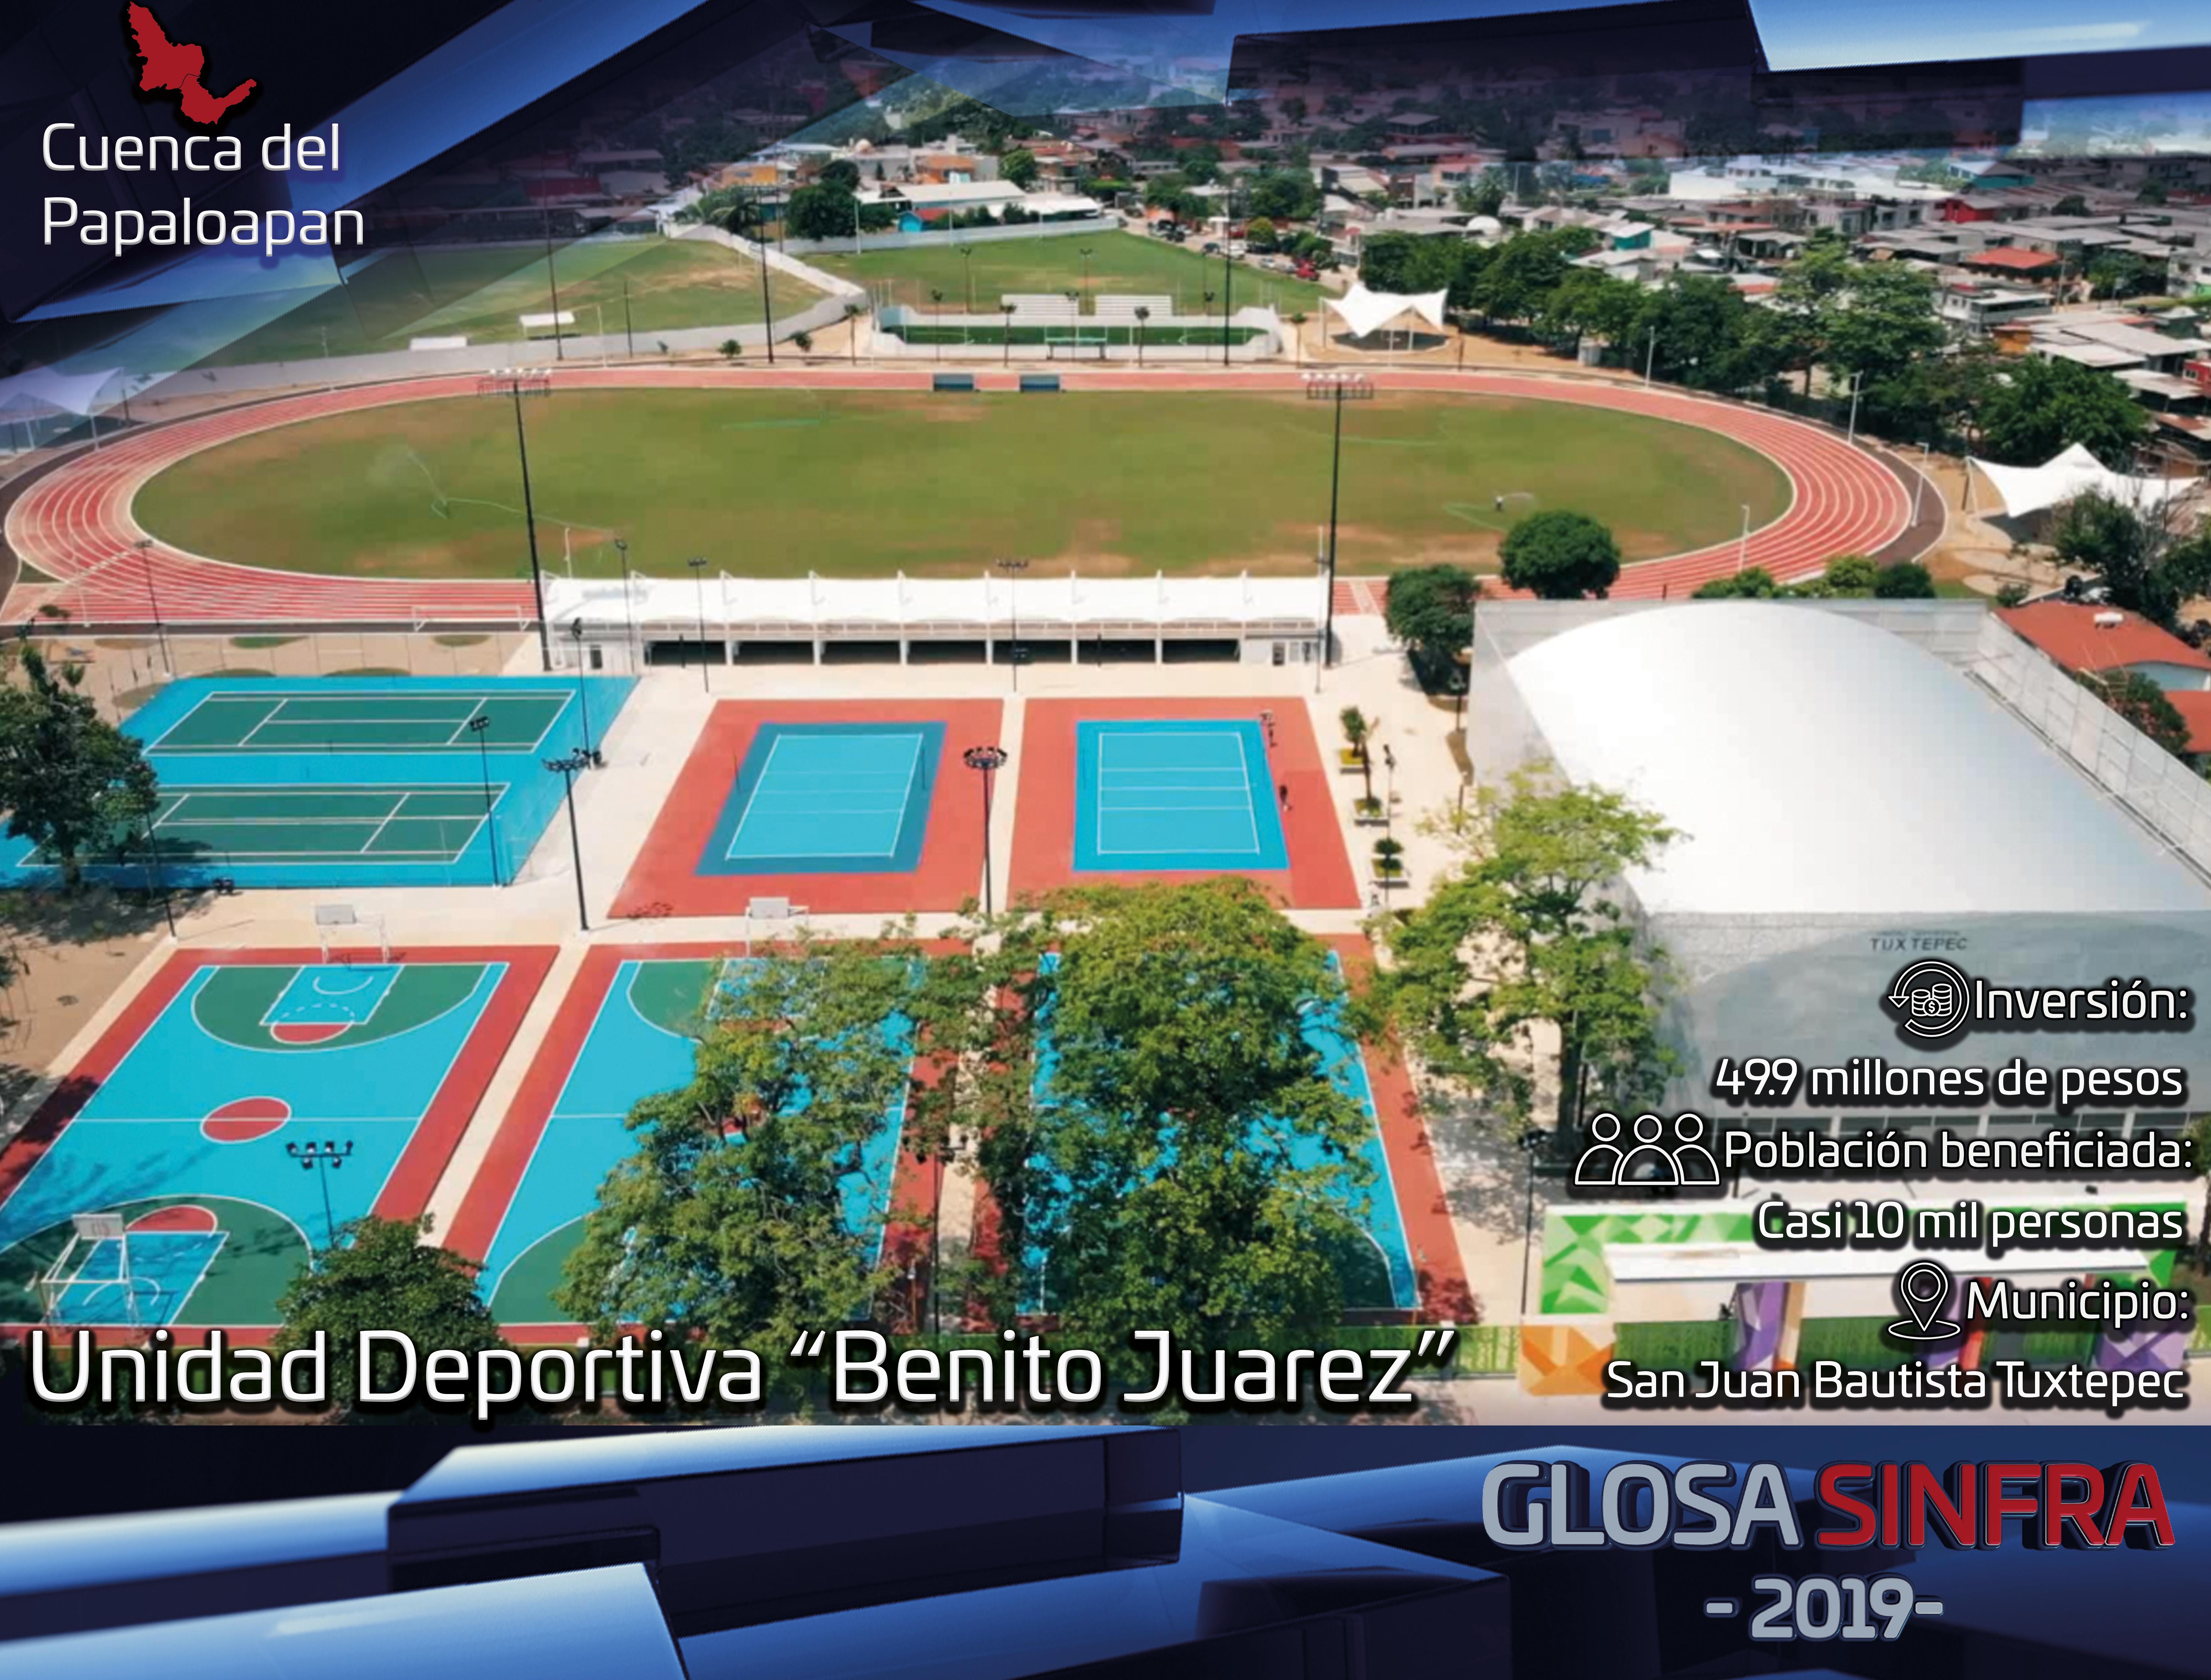 En la región de la Cuenca se construyó una obra emblemática con instalaciones de calidad para fomentar el deporte y la salud.